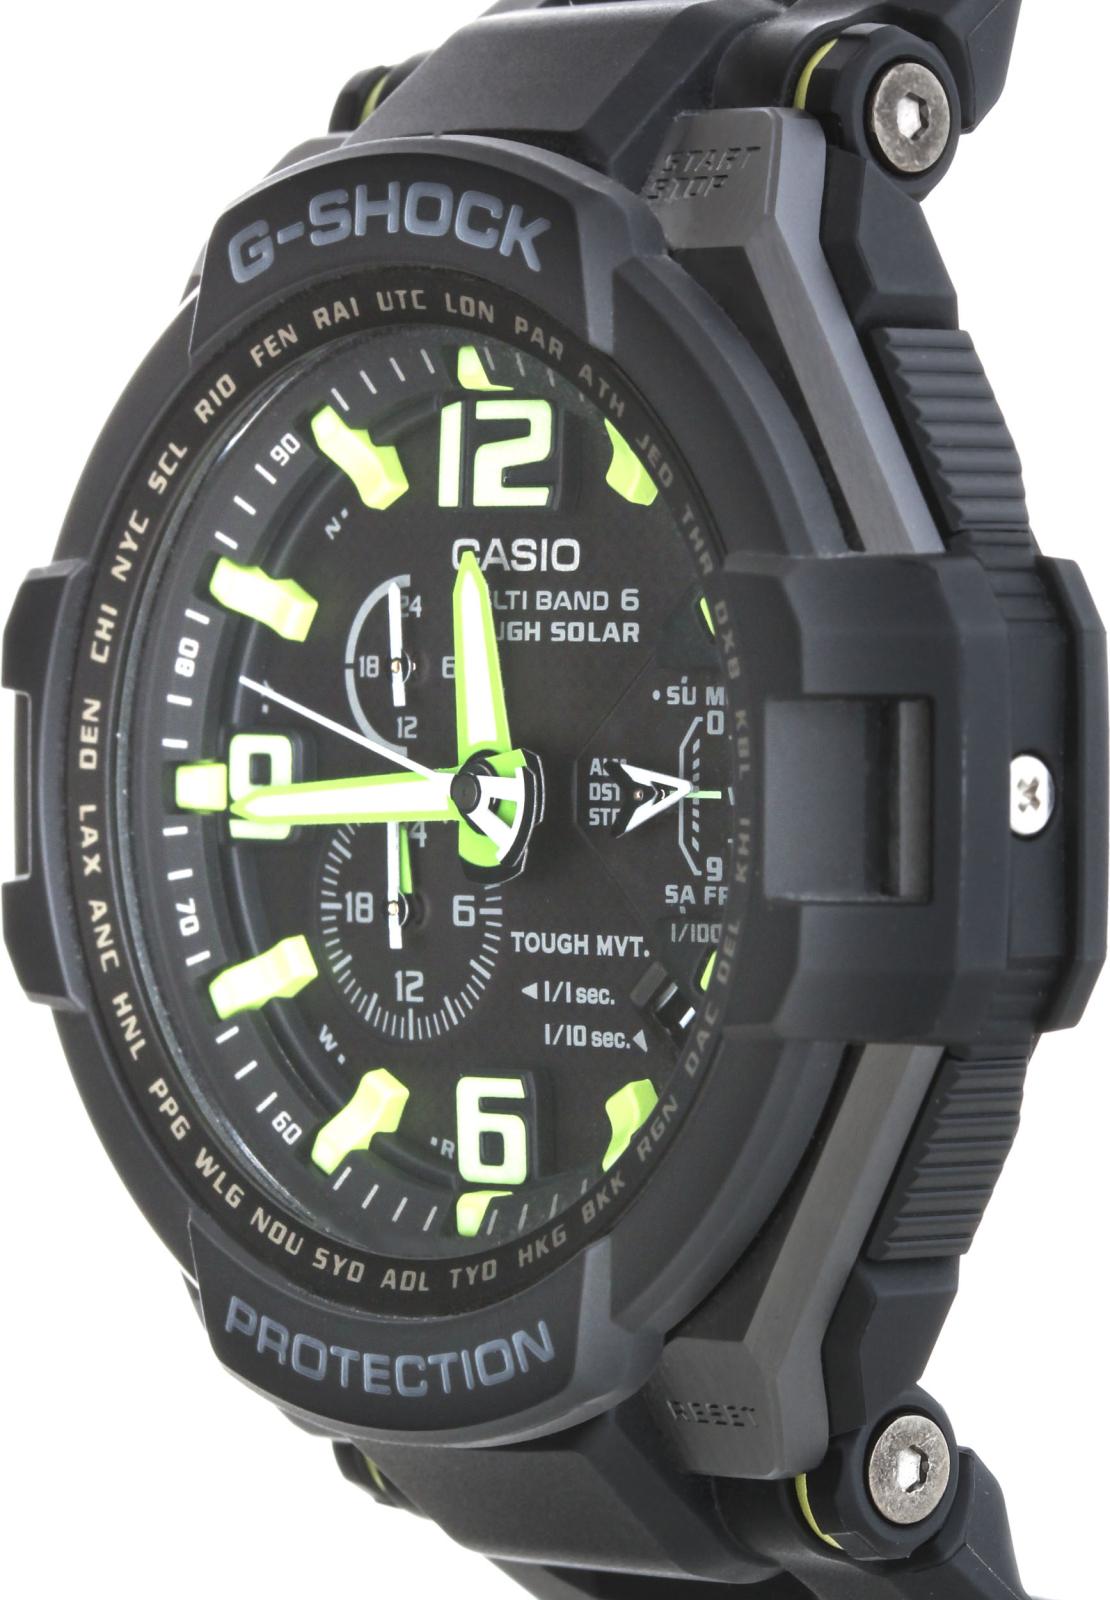 Casio G-shock GW-4000-1A3Наручные часы<br>Японские часы Casio G-shock GW-4000-1A3Модель входит в коллекцию G-shock. Это мужские часы. Материал корпуса часов — сталь+пластик. В этих часах используется минеральное стекло. Часы этой модели обладают водозащитой 200 м. Основной цвет циферблата черный. Из основных функций на циферблате представлены: часы, минуты, секунды. В этих часах используются такие усложнения как дата, день недели, сложный календарь, второе поясное время, будильник, . Диаметр корпуса 50х53мм.<br><br>Пол: Мужские<br>Страна-производитель: None<br>Механизм: Кварцевый<br>Материал корпуса: Сталь+пластик<br>Материал ремня/браслета: Каучук<br>Водозащита, диапазон: None<br>Стекло: Минеральное<br>Толщина корпуса: 16<br>Стиль: Классика